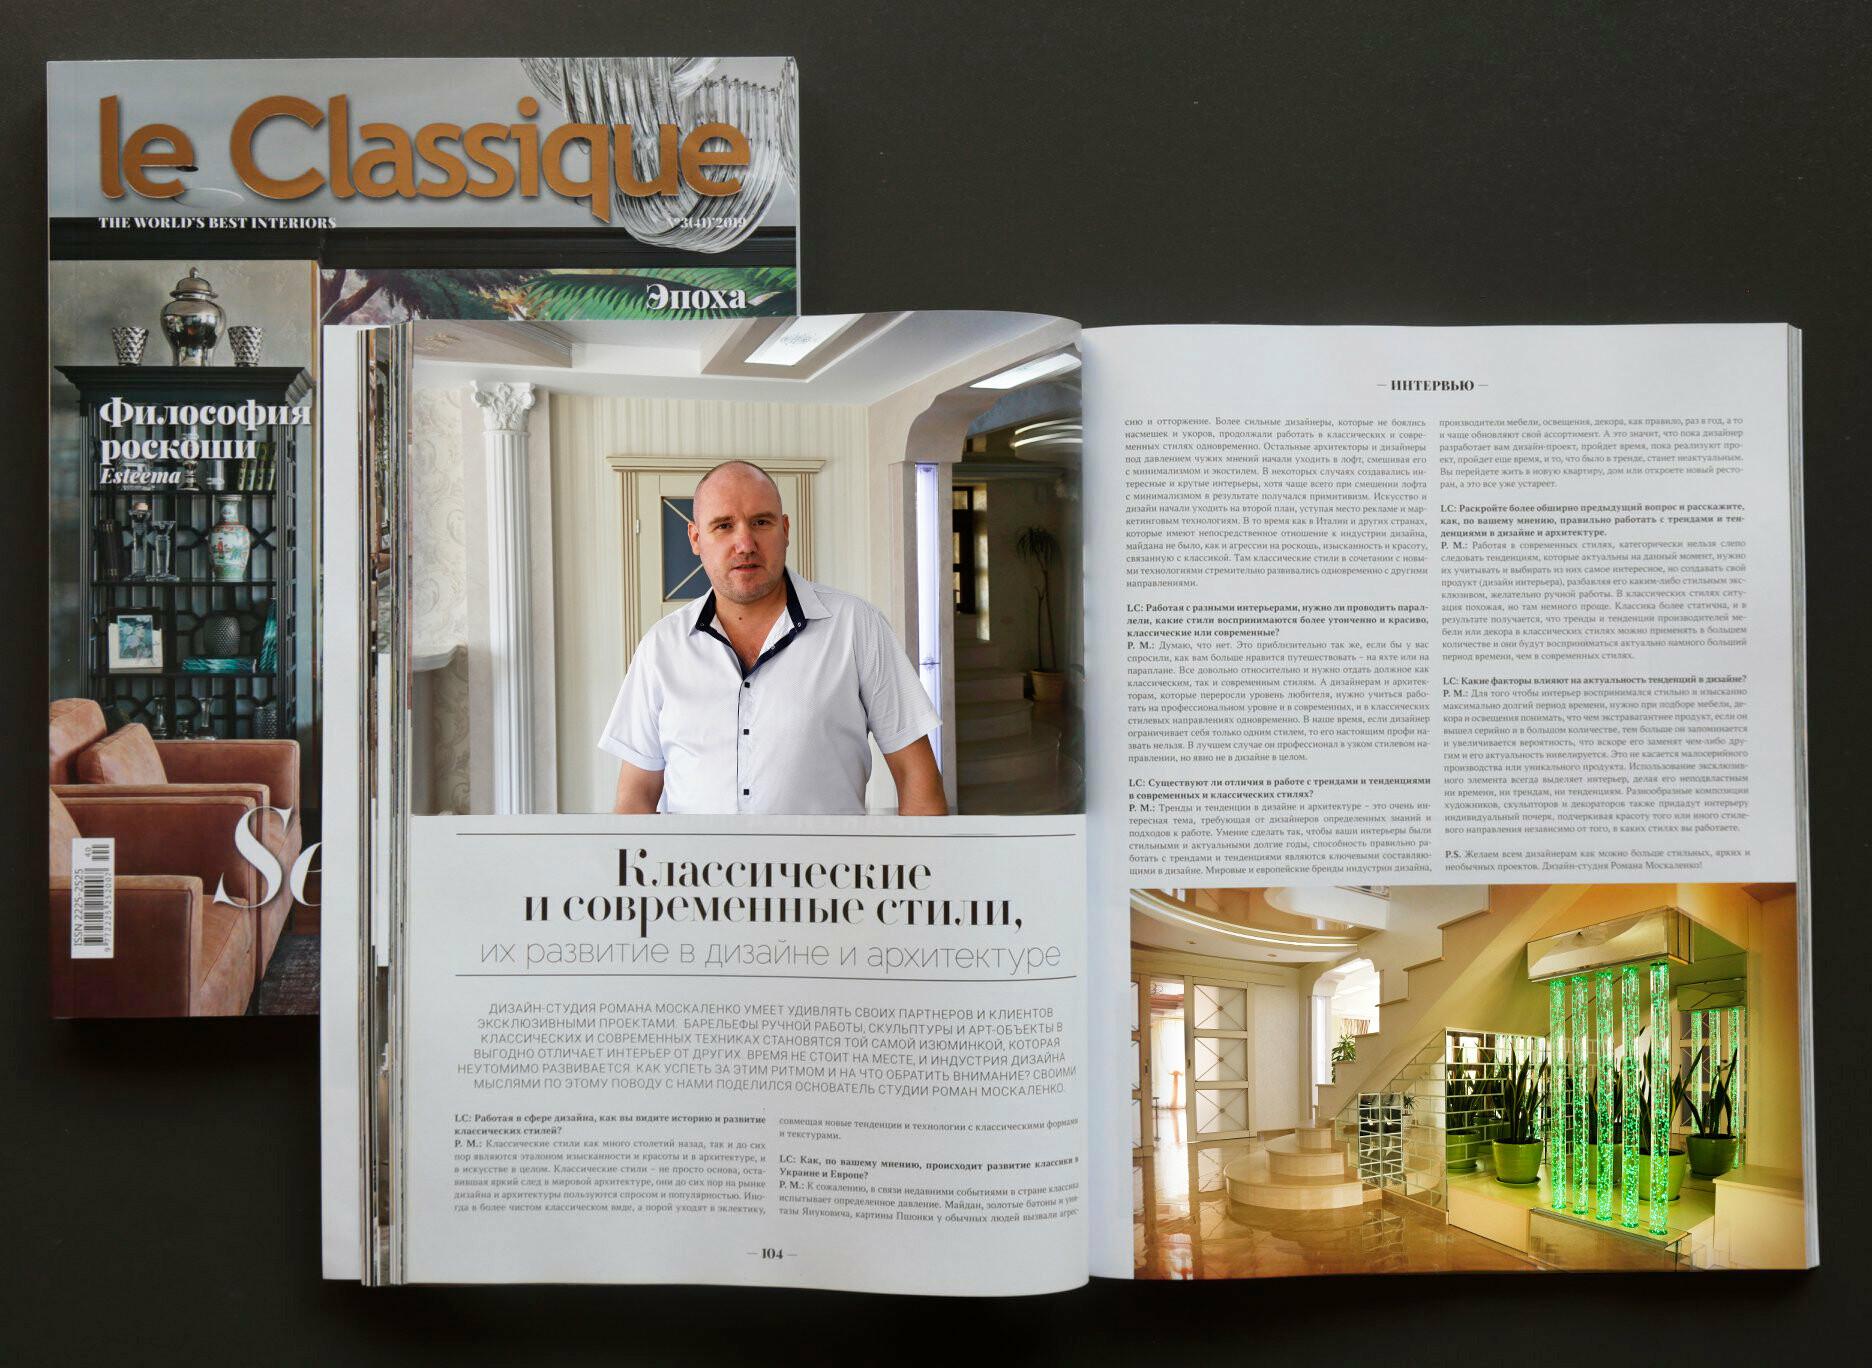 """Інтерв'ю Романа Москаленка для журналу з дизайну le Classique """"Класичні та сучасні стилі їх розвиток в дизайні та архітектурі"""""""